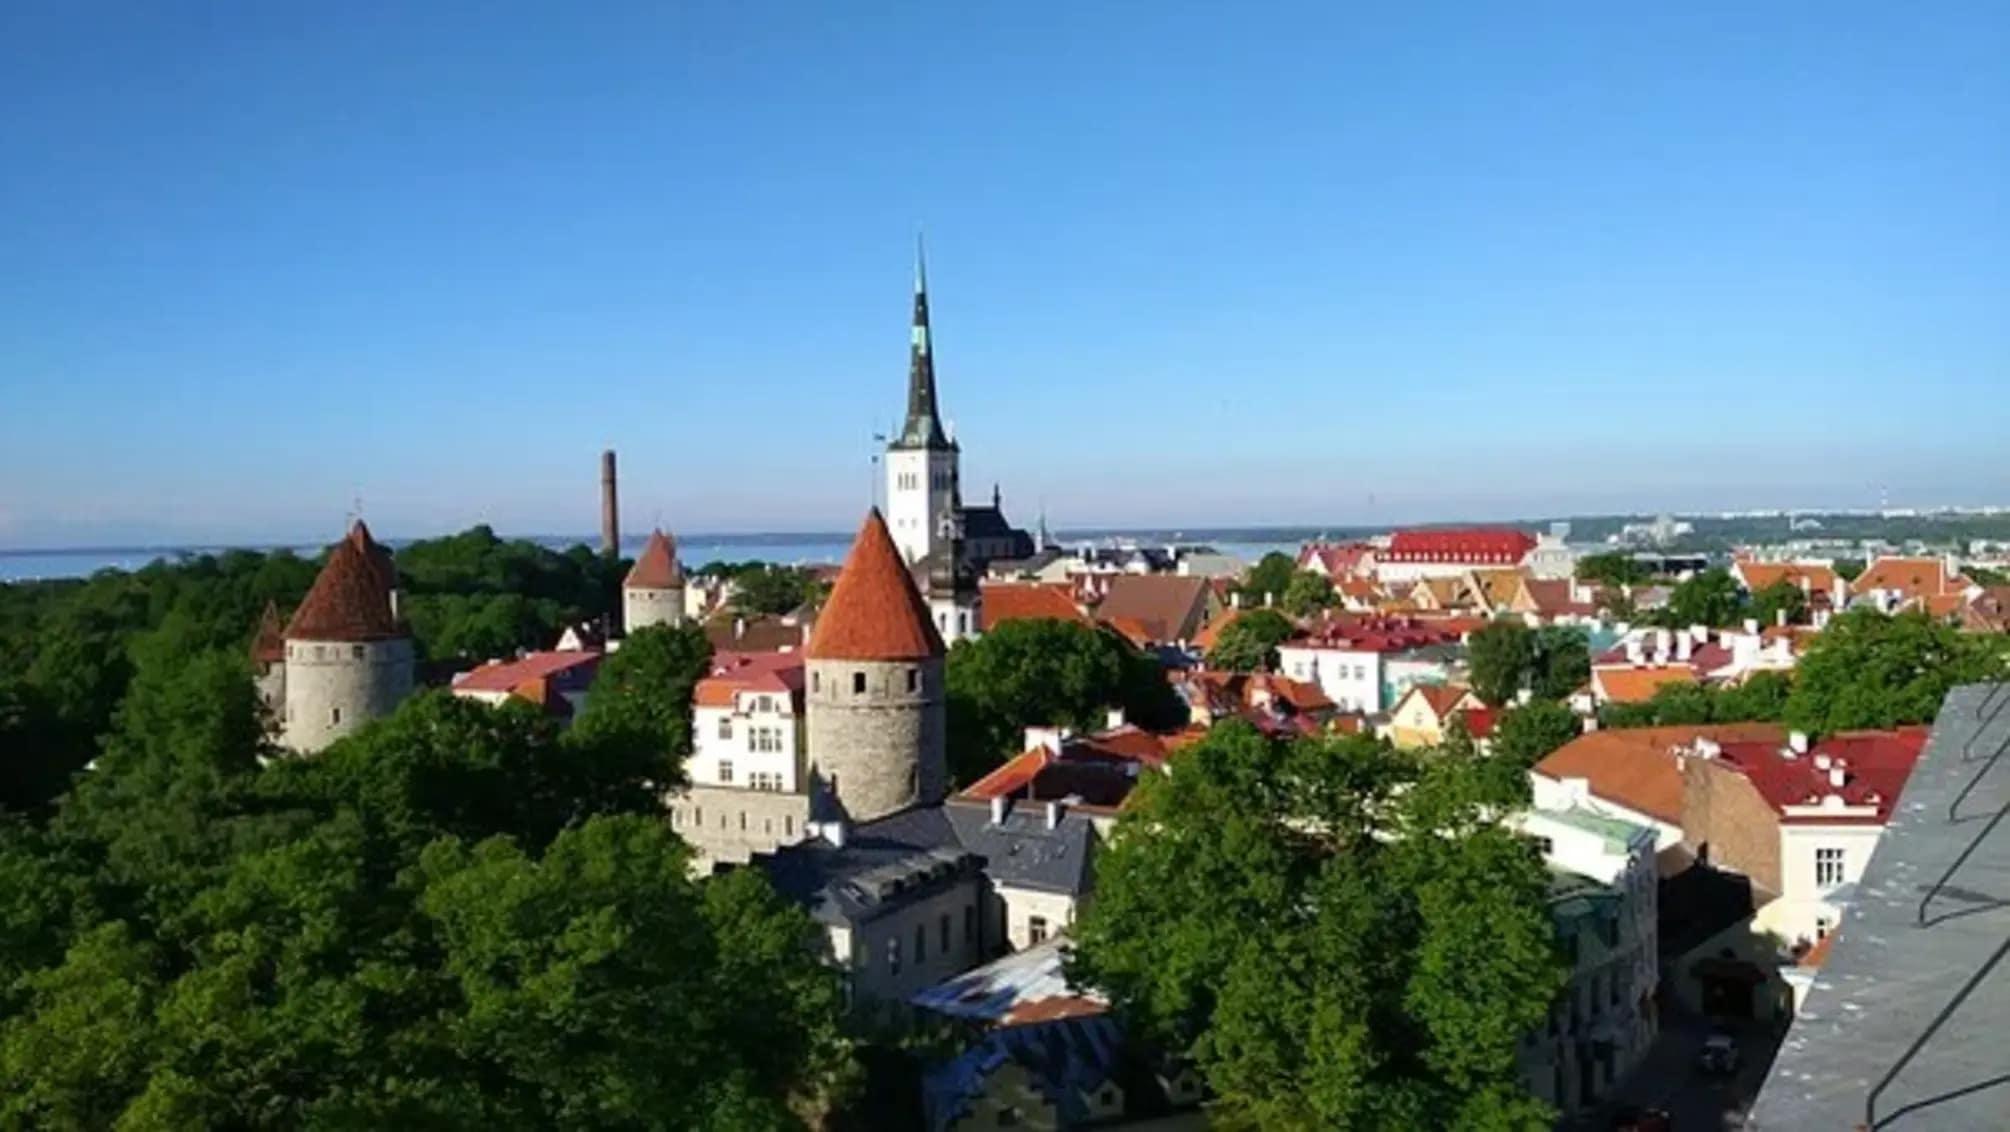 Tallinn, città, capitale, sostenibilità, premio, ambiente, clima, verde, neutralità climatica, transizione ecologica, risorse, obiettivi, inquinamento, emissioni, economia, iniziative, Energy Close-up Engineering